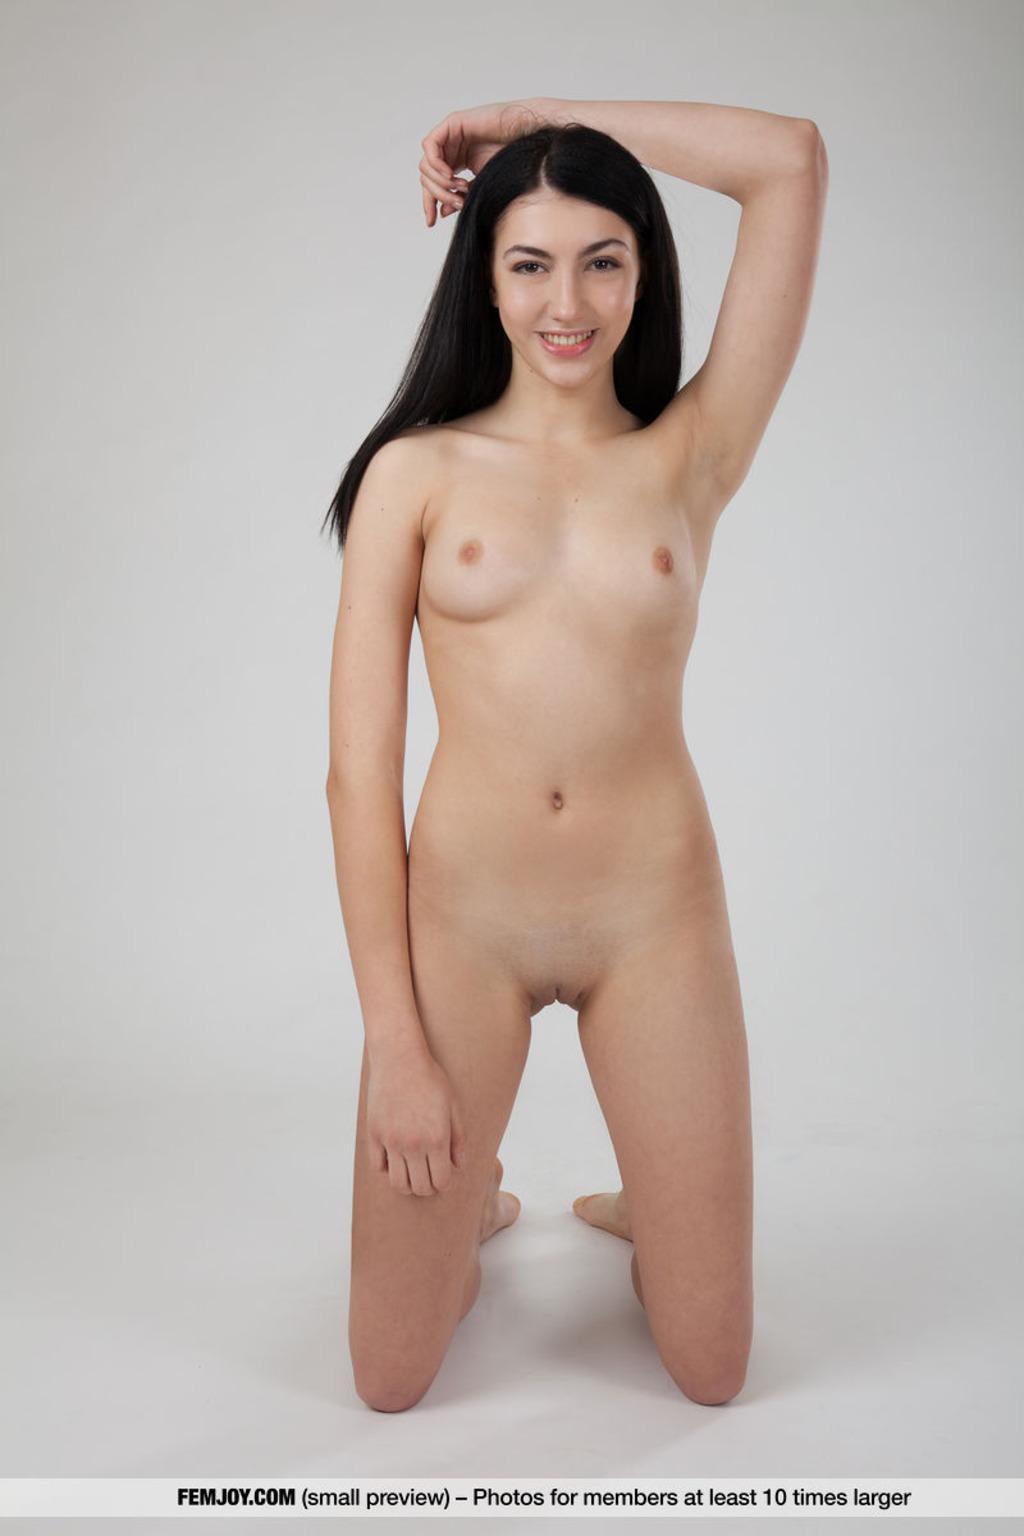 https://content3.wantedbabes.com/femjoy.com/13019/06.jpg